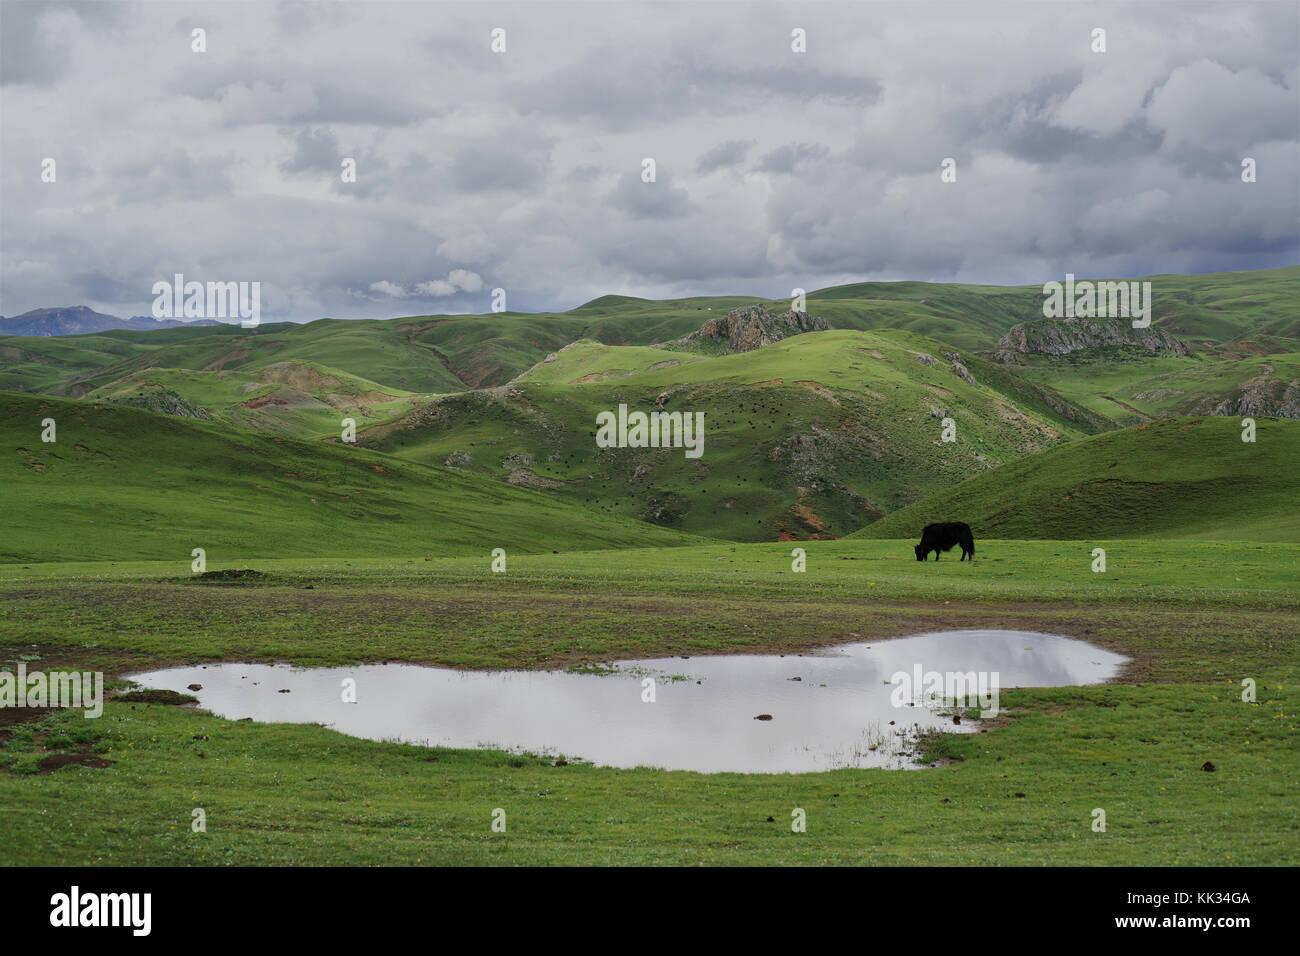 Yak al pascolo litang, kham (tibetano regione), Cina Immagini Stock